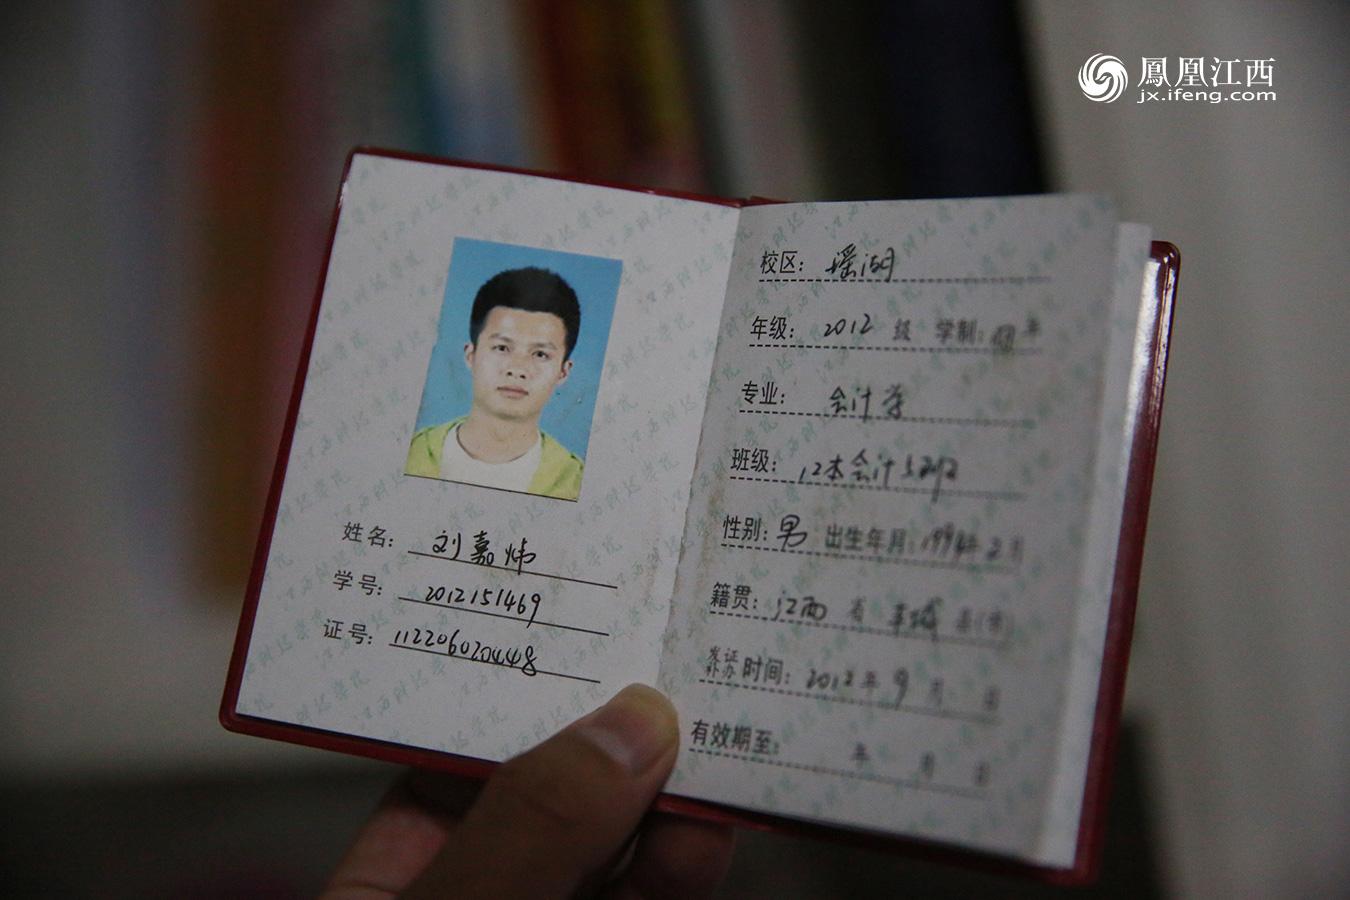 李云峰,23岁,重庆人,江西师范大学物理与通信电子专业2016届毕业生.